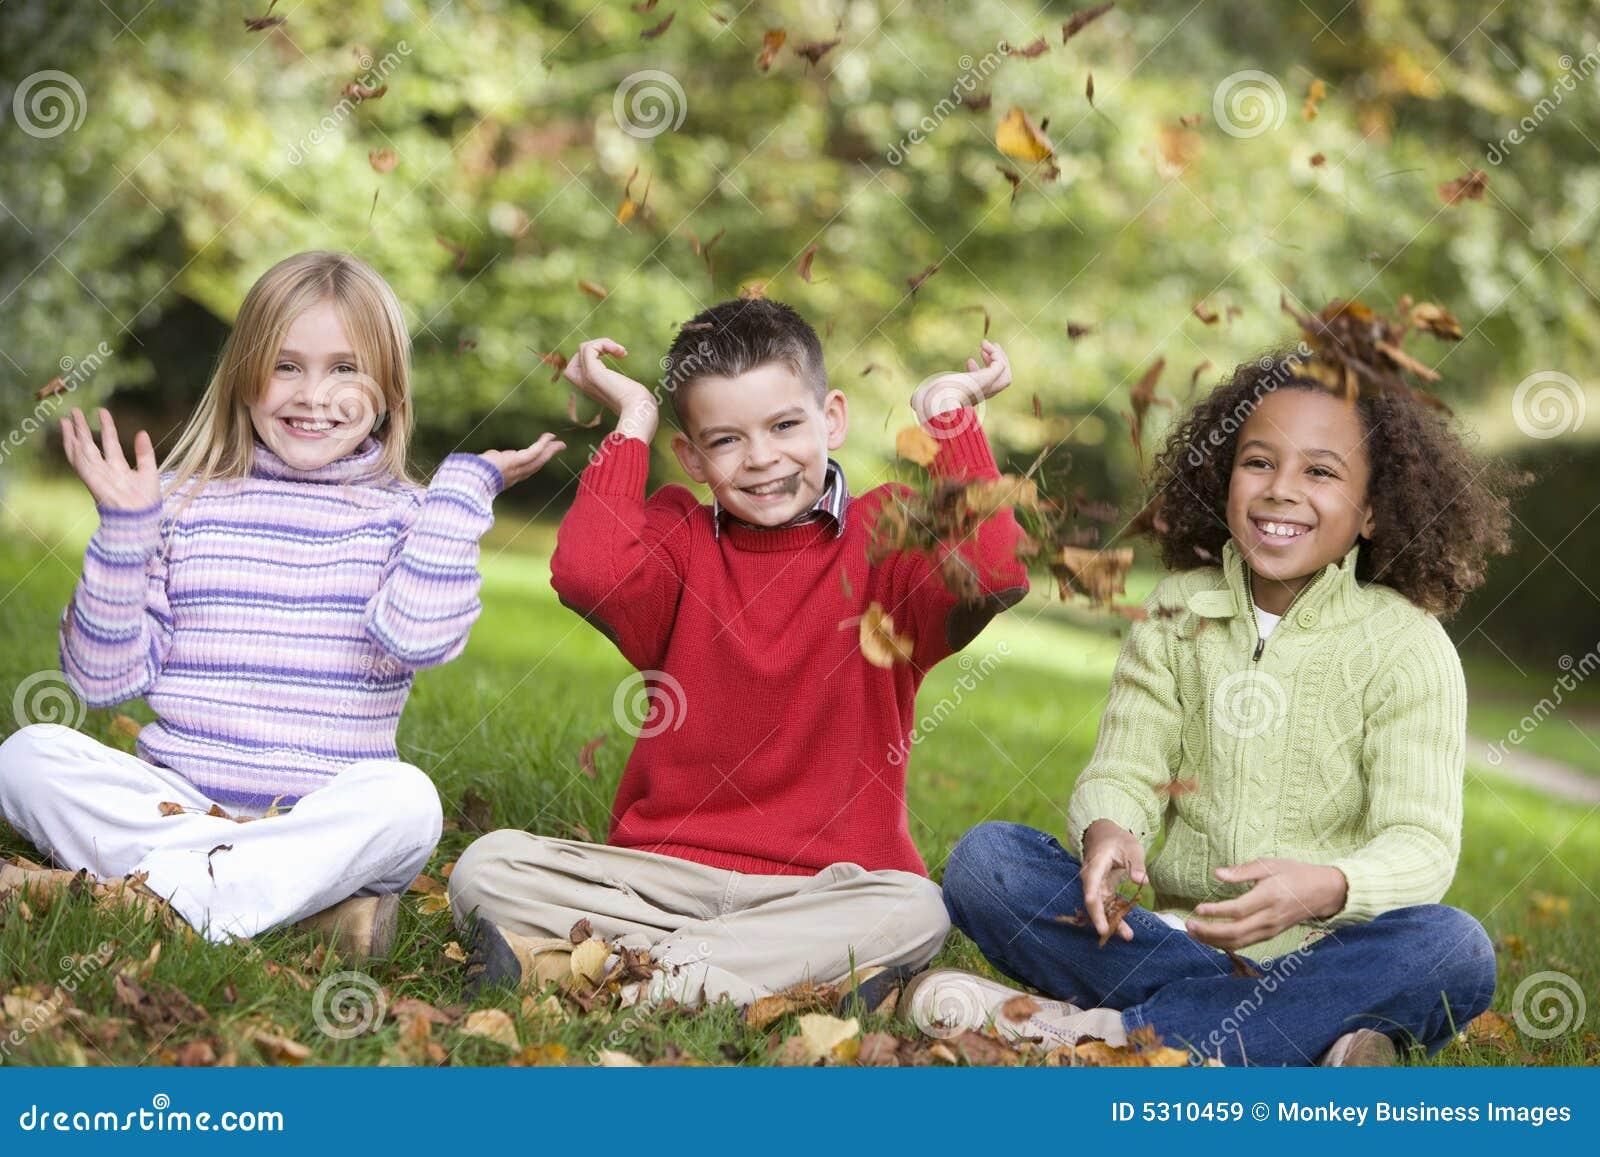 Download Gruppo Di Bambini Che Giocano In Fogli Immagine Stock - Immagine di felicità, autunno: 5310459